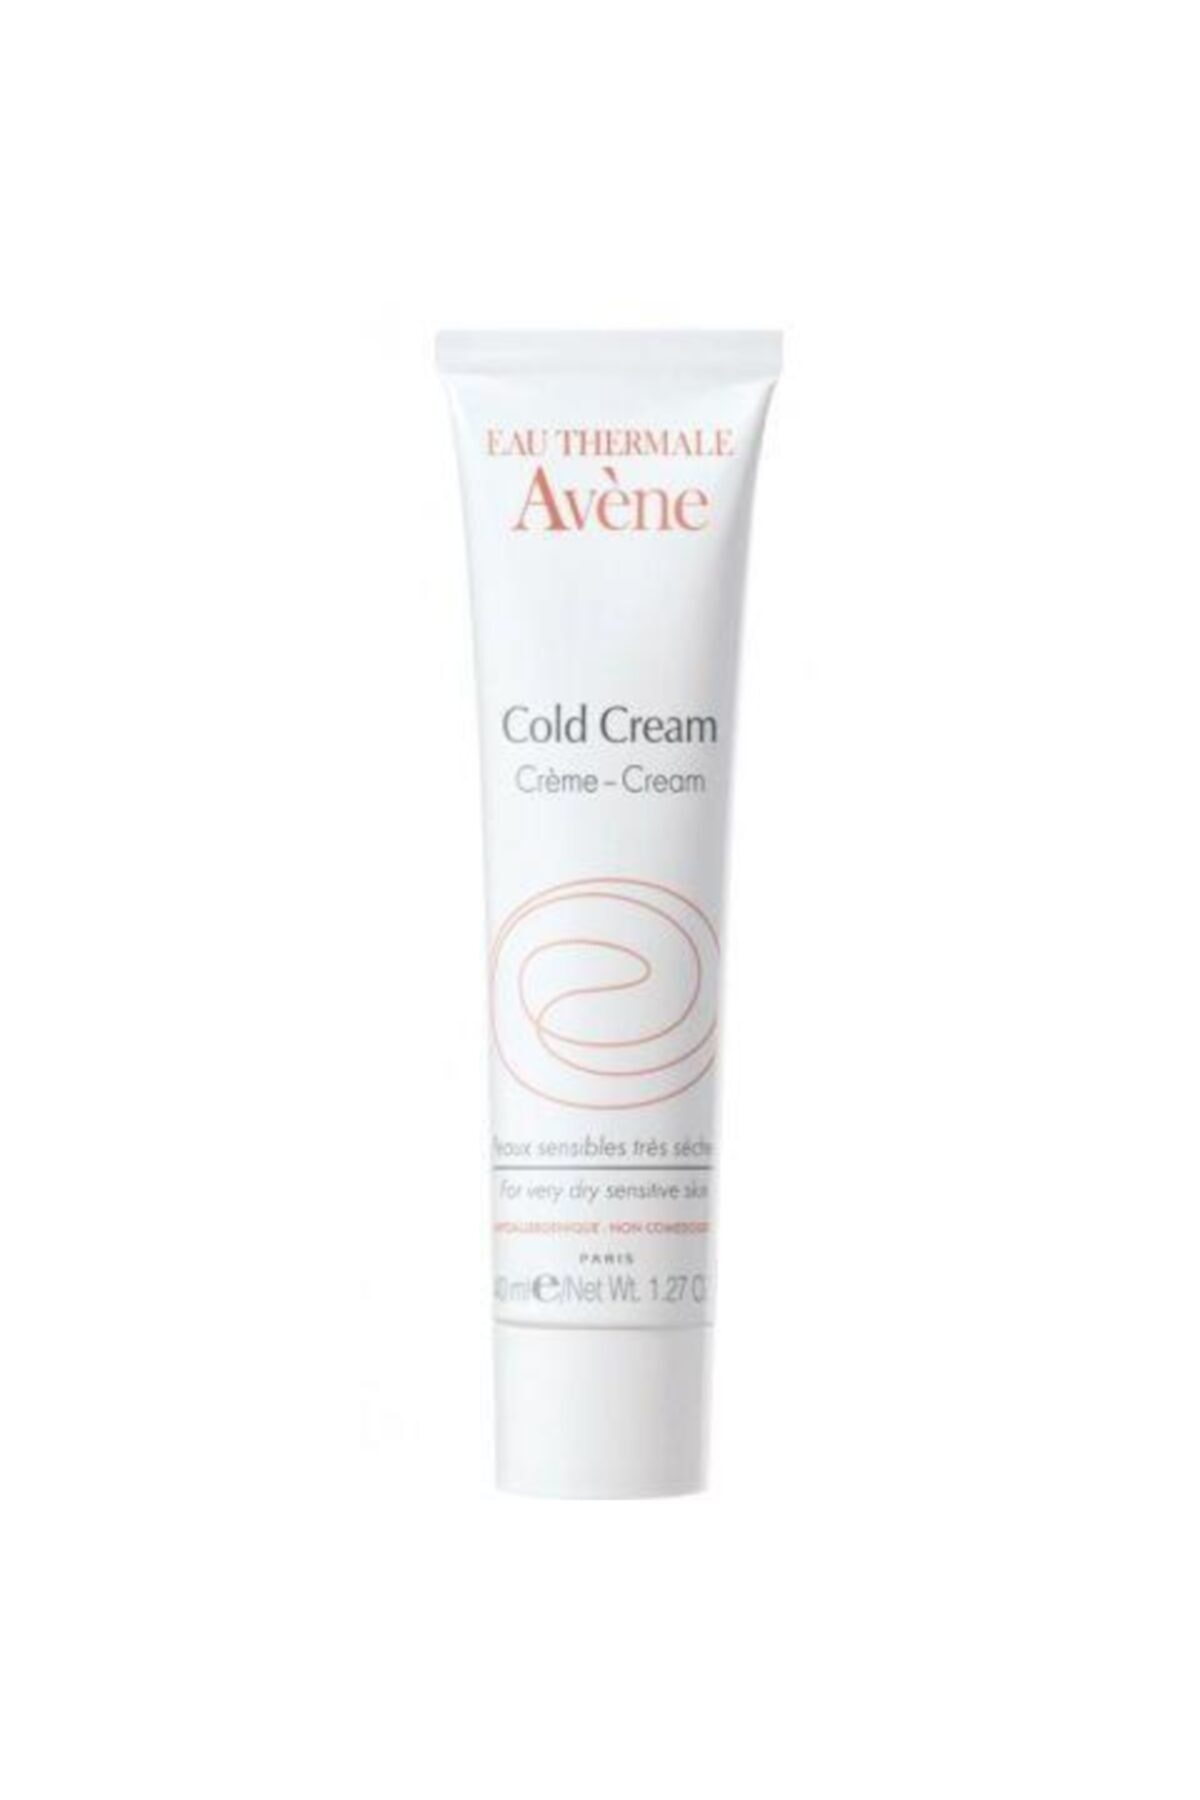 Avene Cold Cream - Kuru Ciltler Için Bakım Kremi 40ml 1